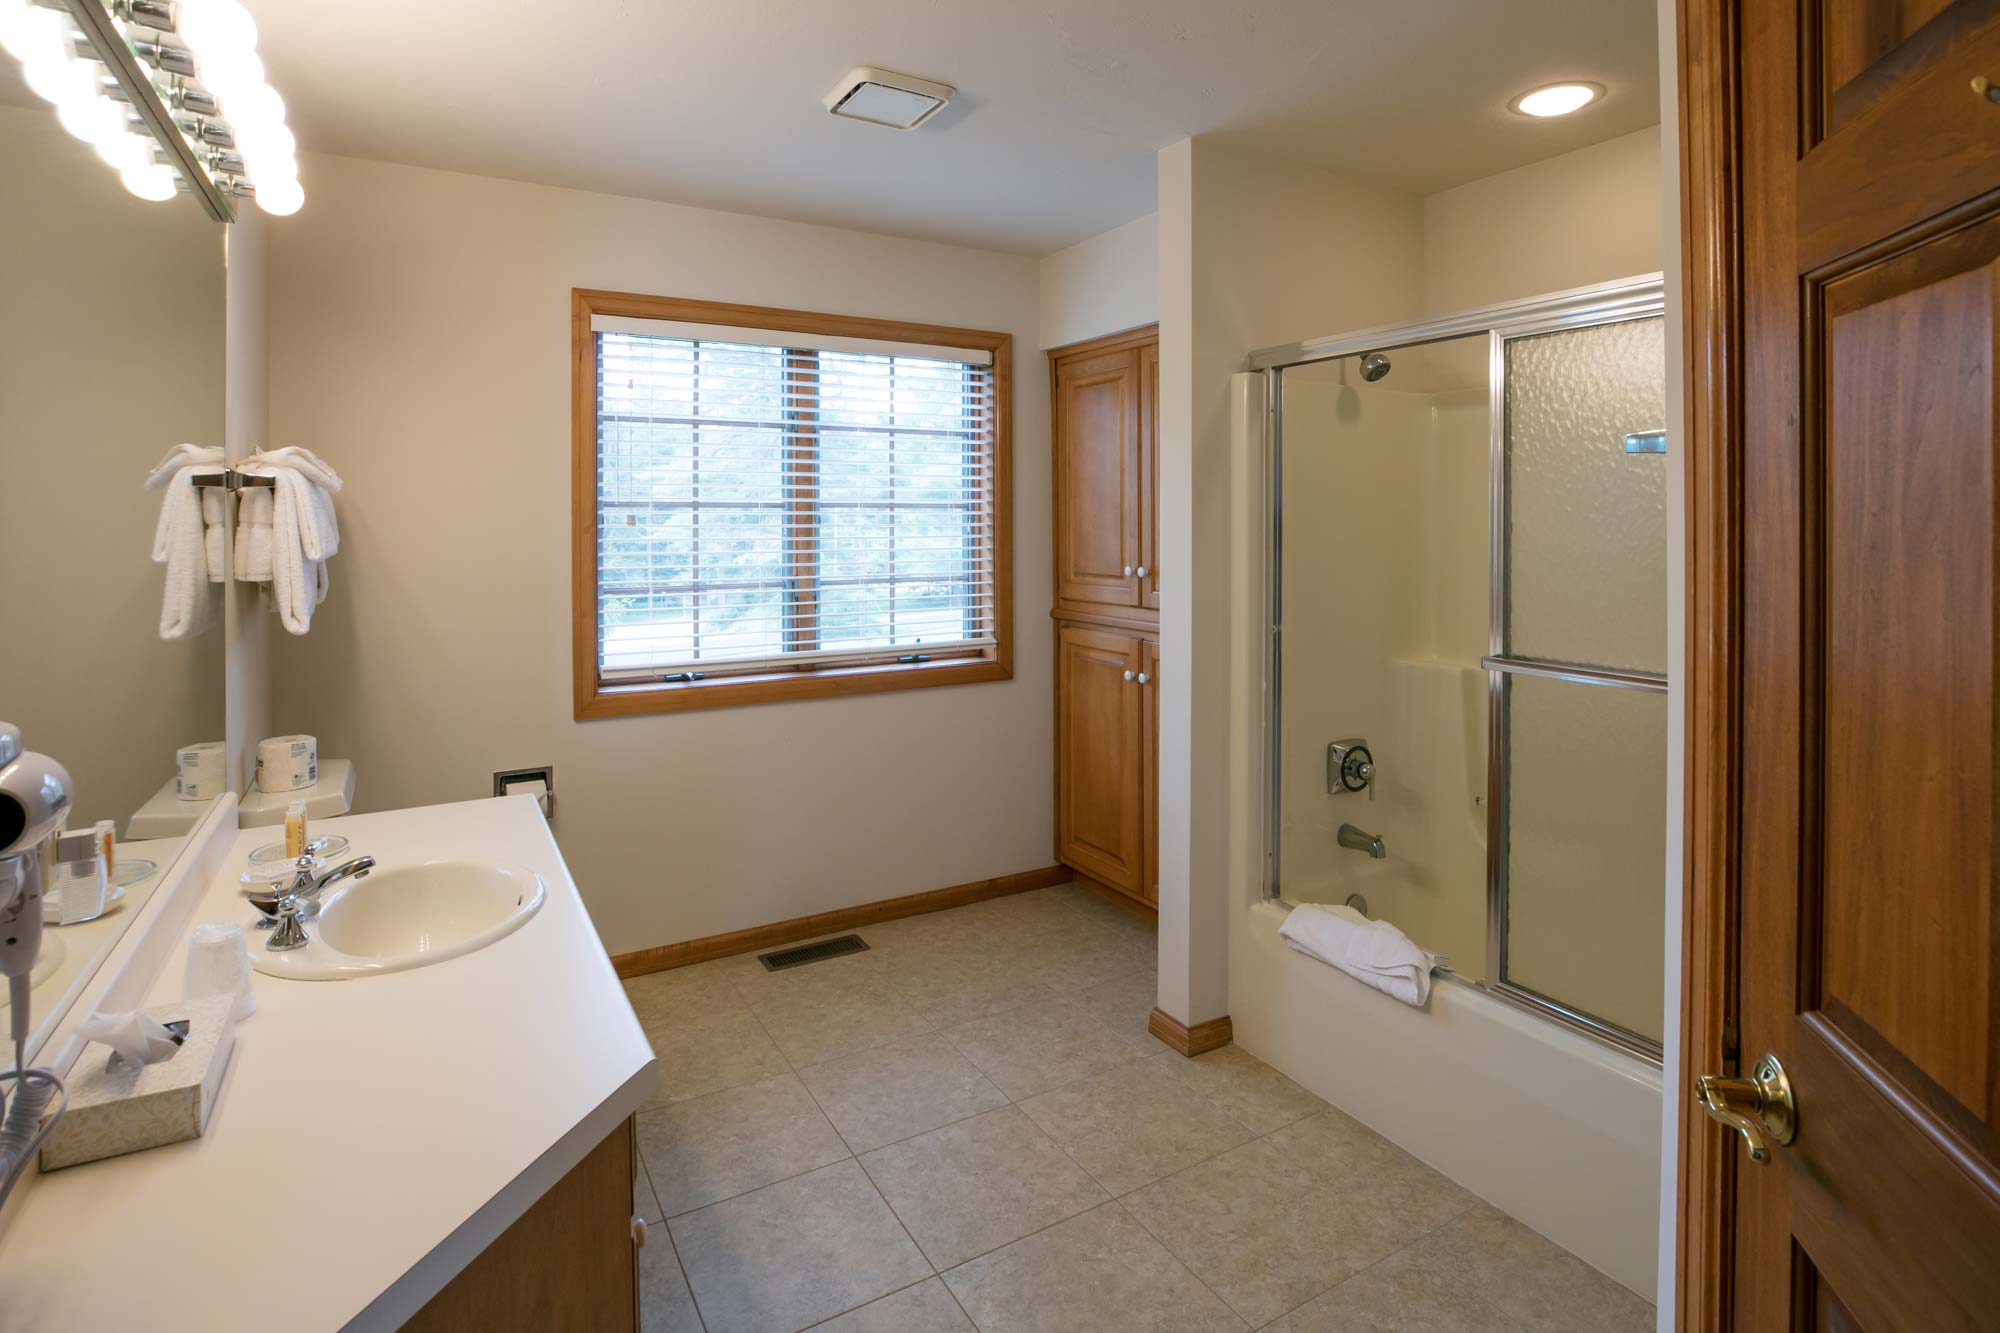 Bathroom at Door County Inn Glidden Lodge